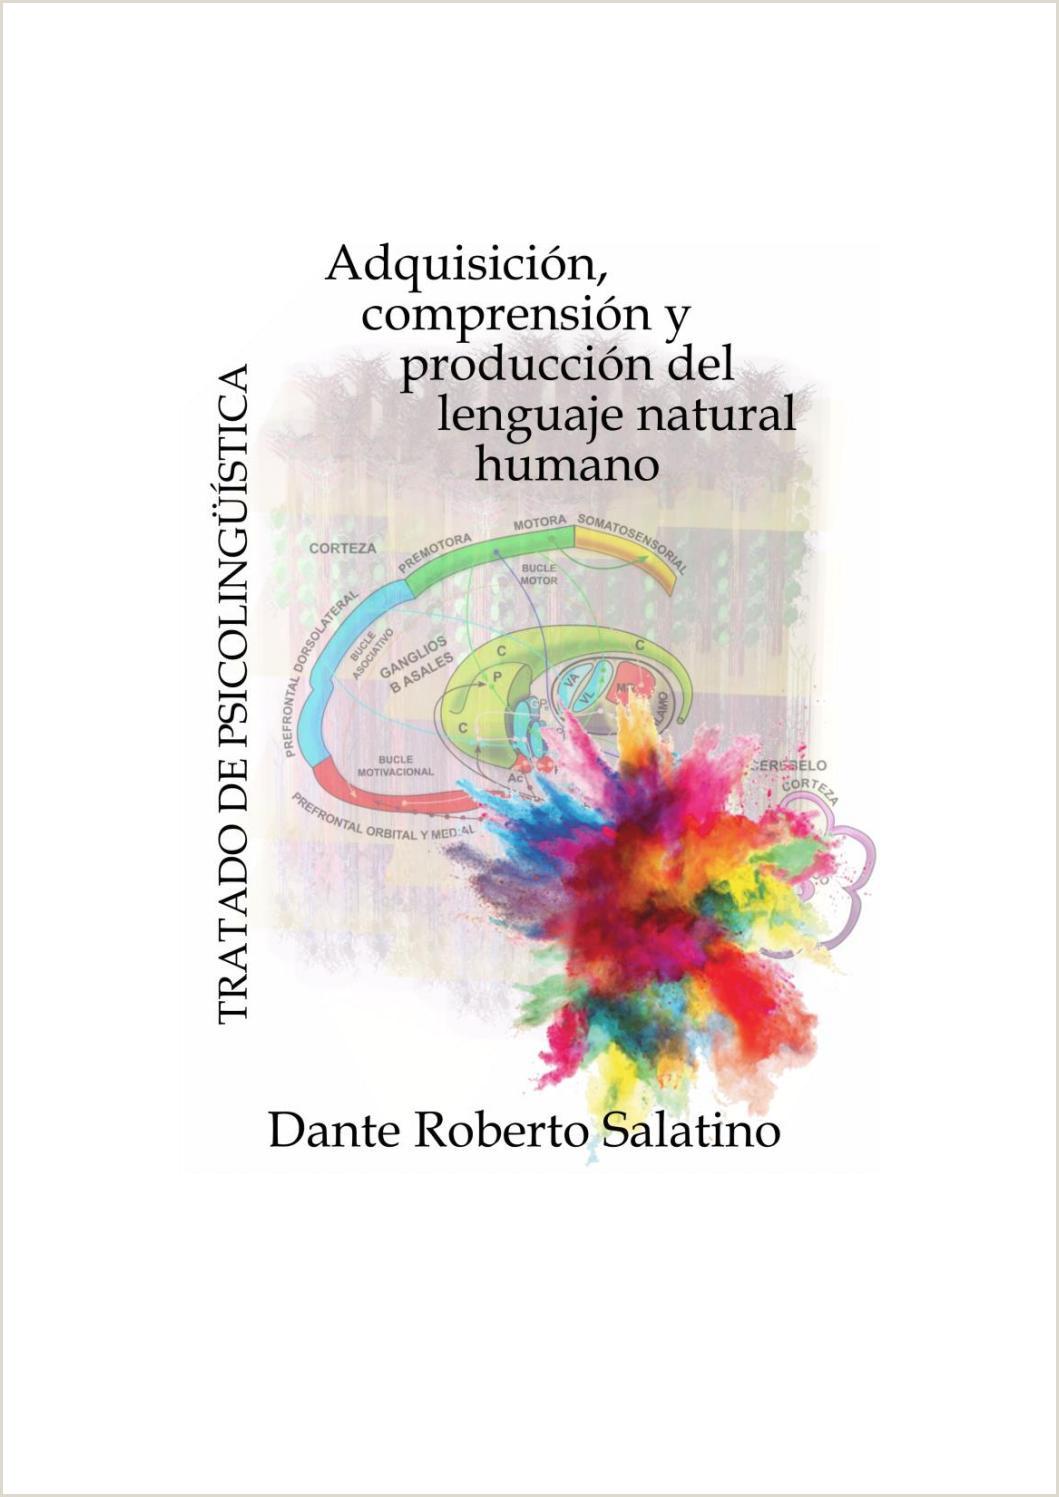 Formato De Hoja De Vida Libre Tratado De Psicolingüstica by Dante Salatino issuu